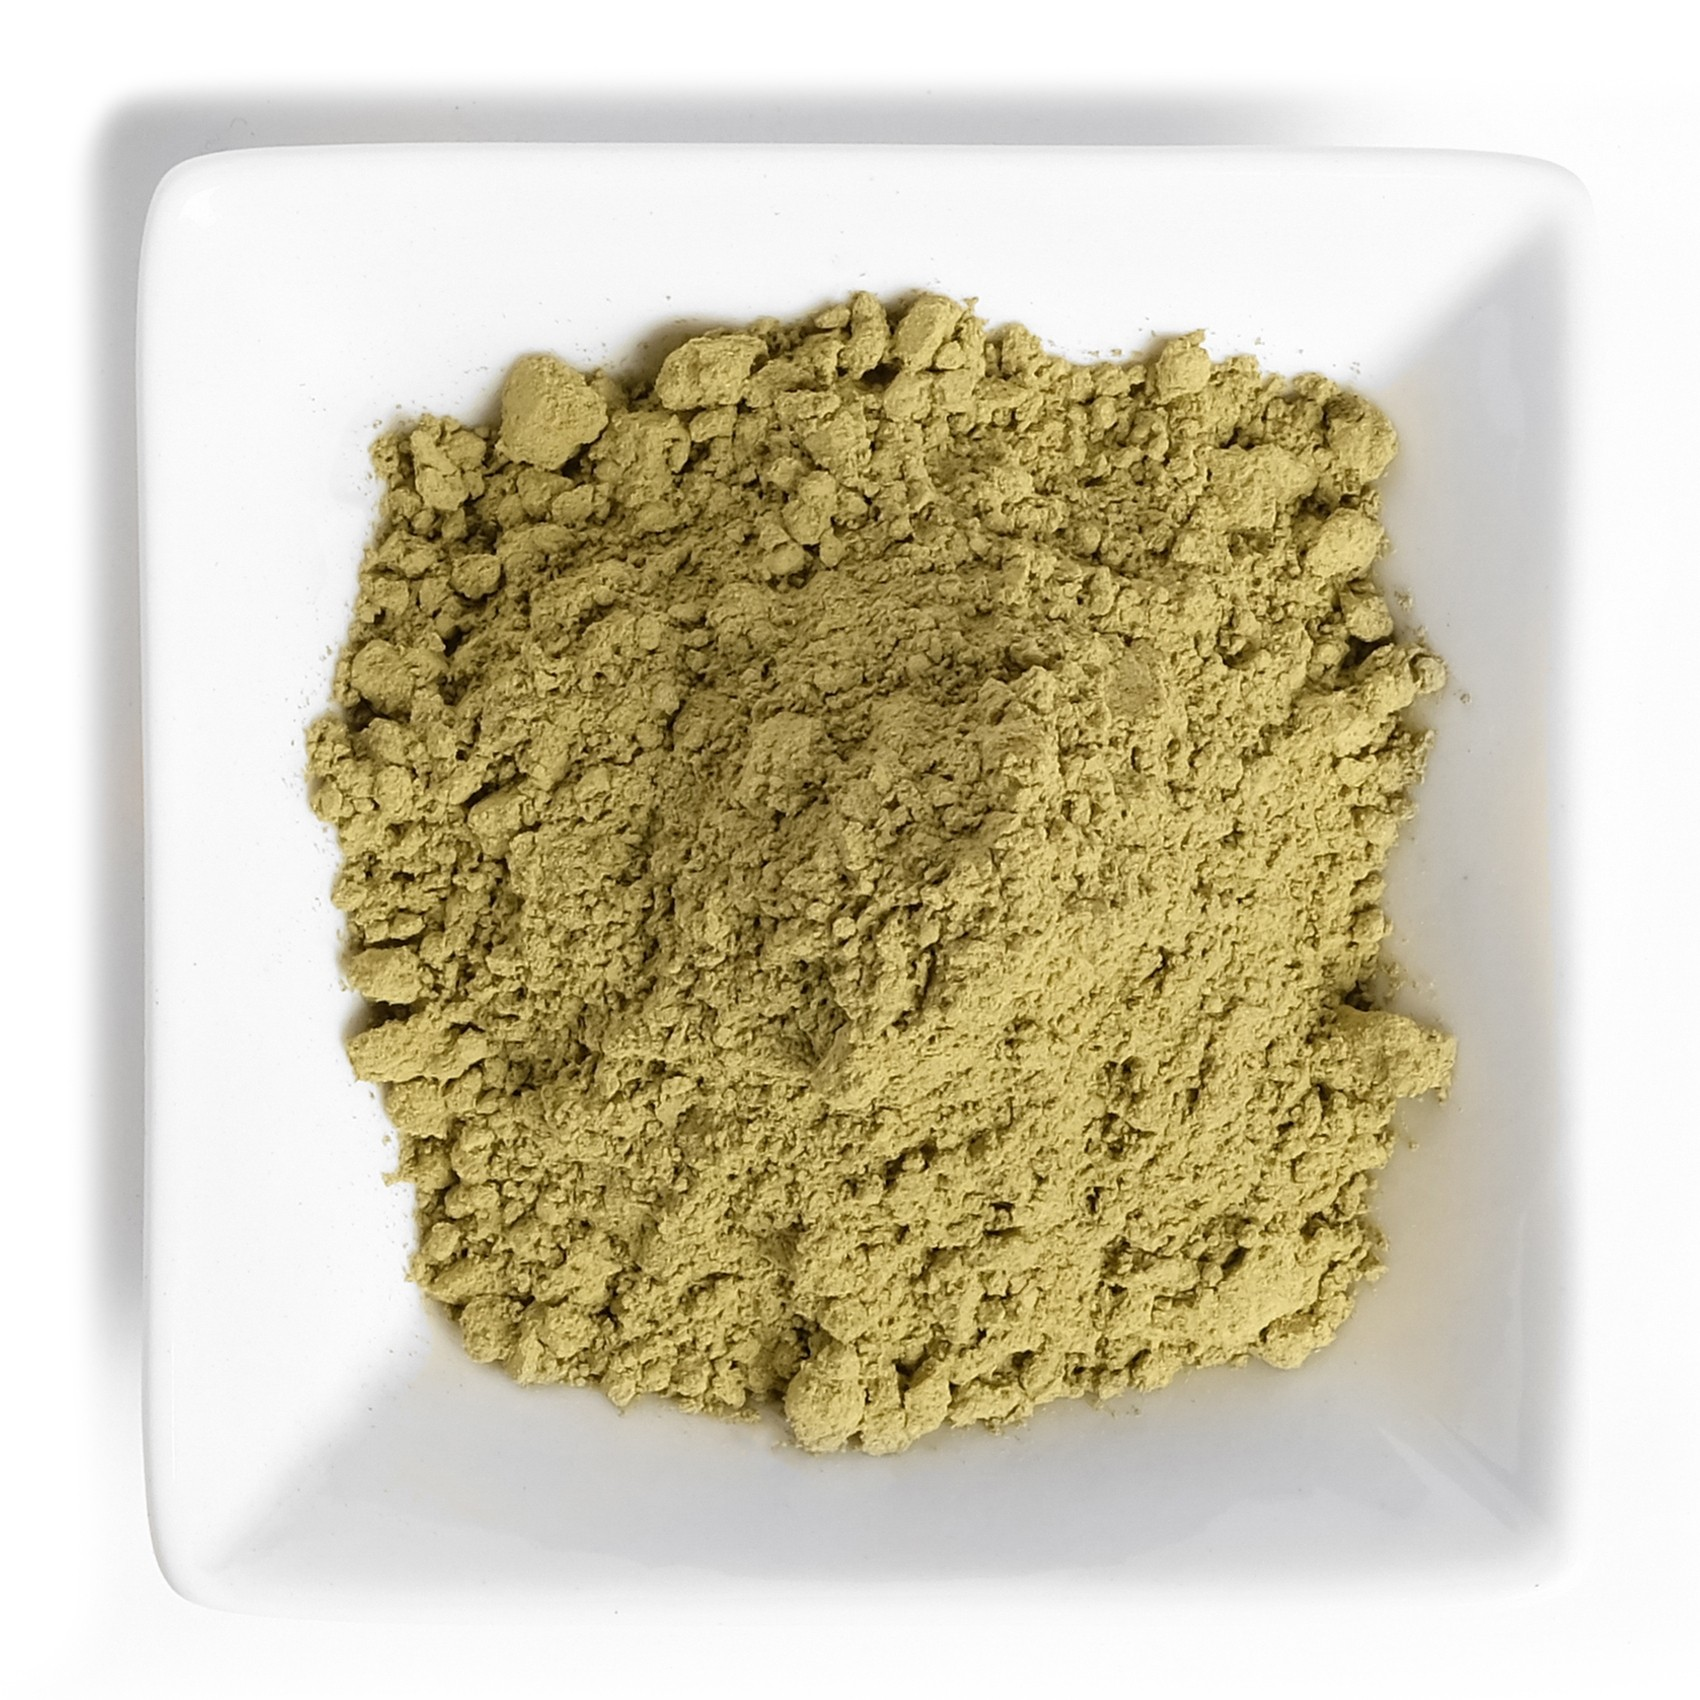 Maeng Da Thai Kratom Powder (White Vein)